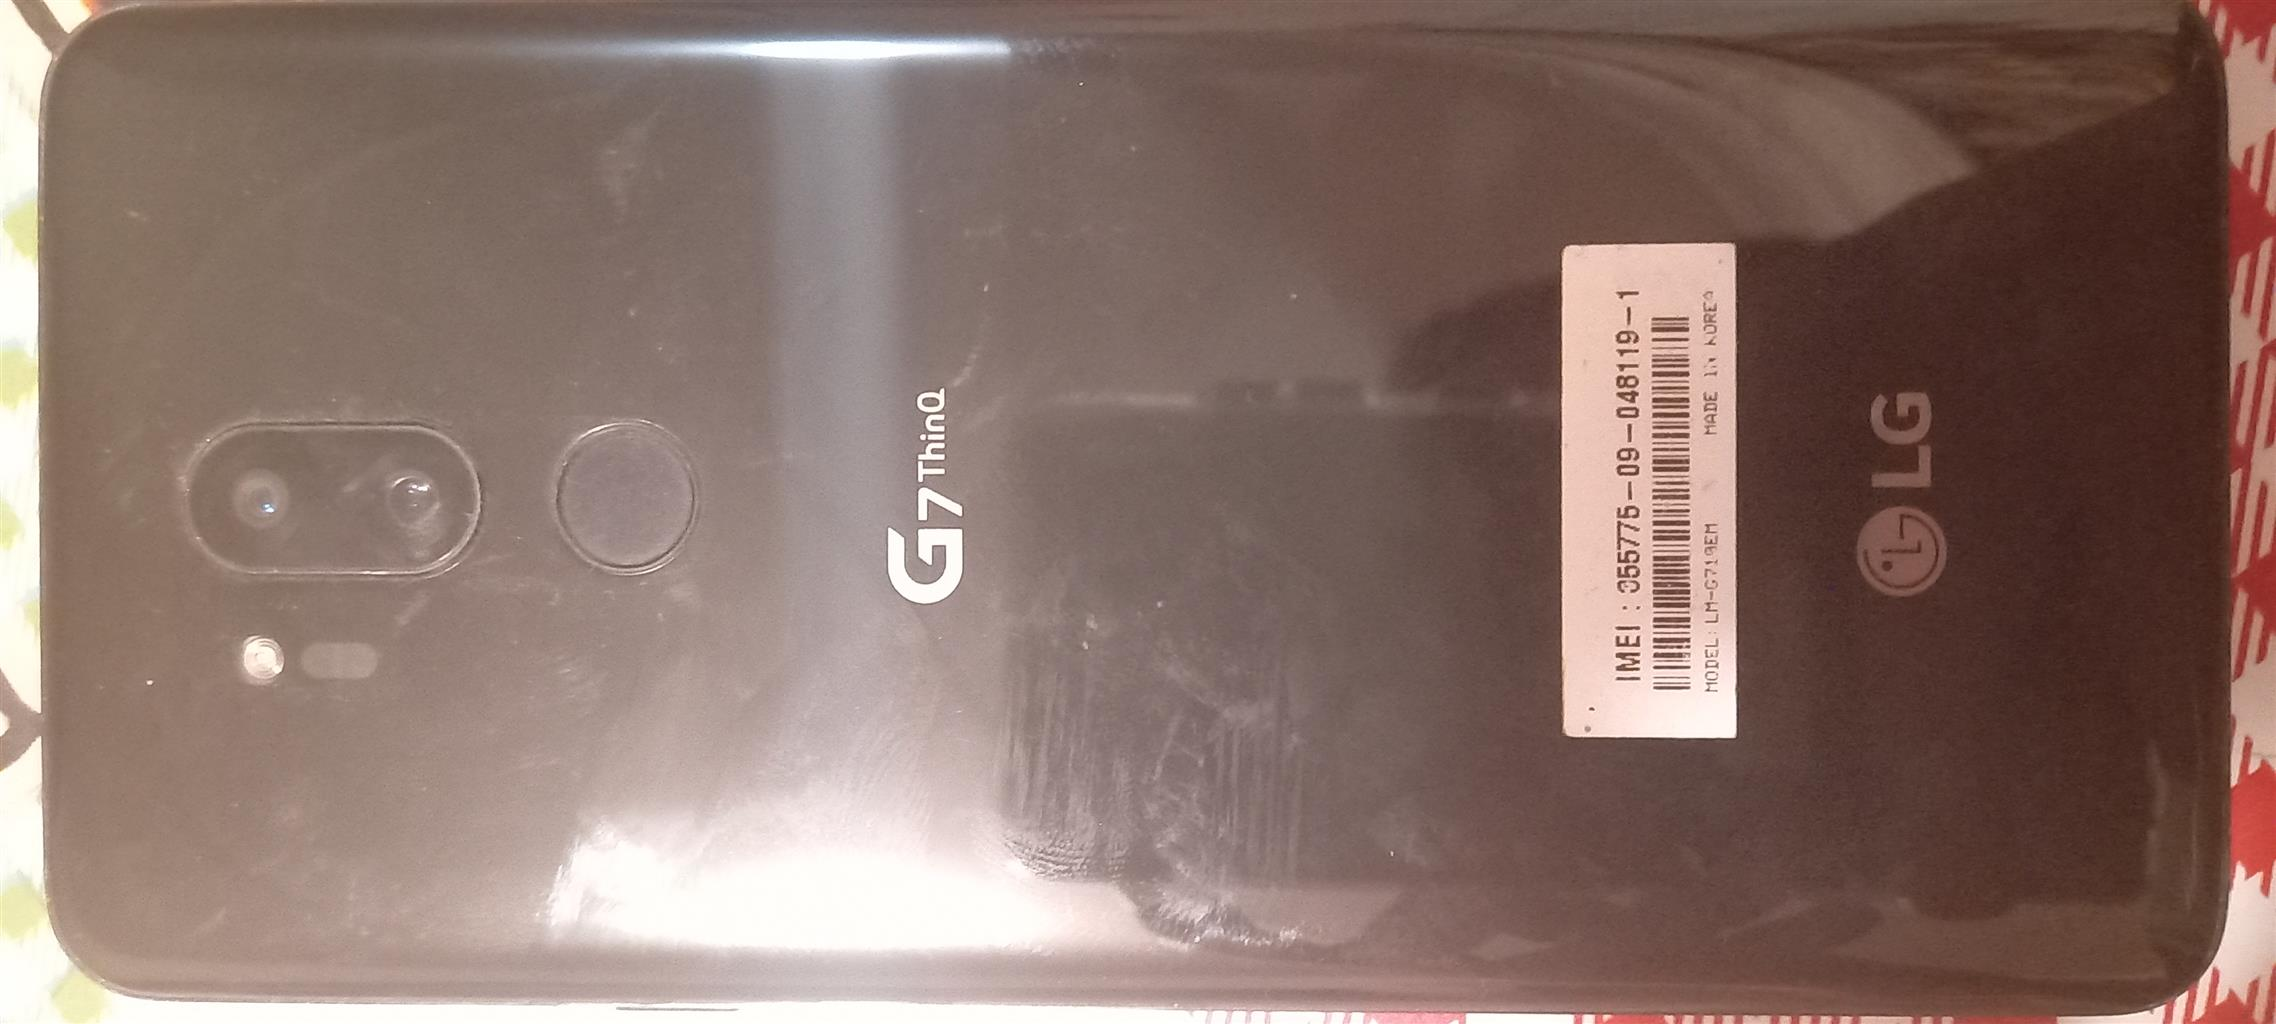 LG G7 ThinkQ